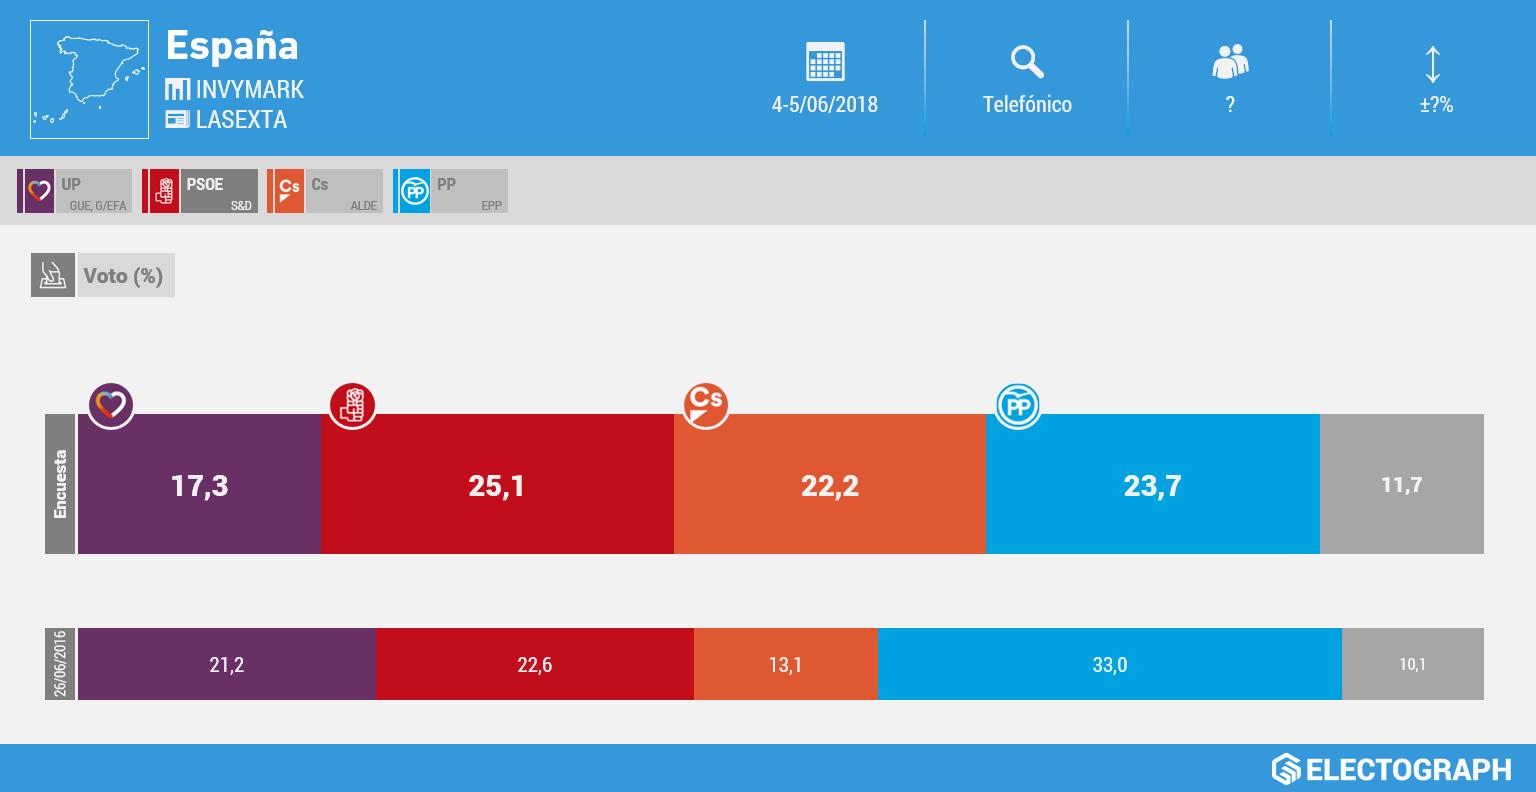 Gráfico de la encuesta para elecciones generales en España realizada por Invymark para LaSexta en junio de 2018